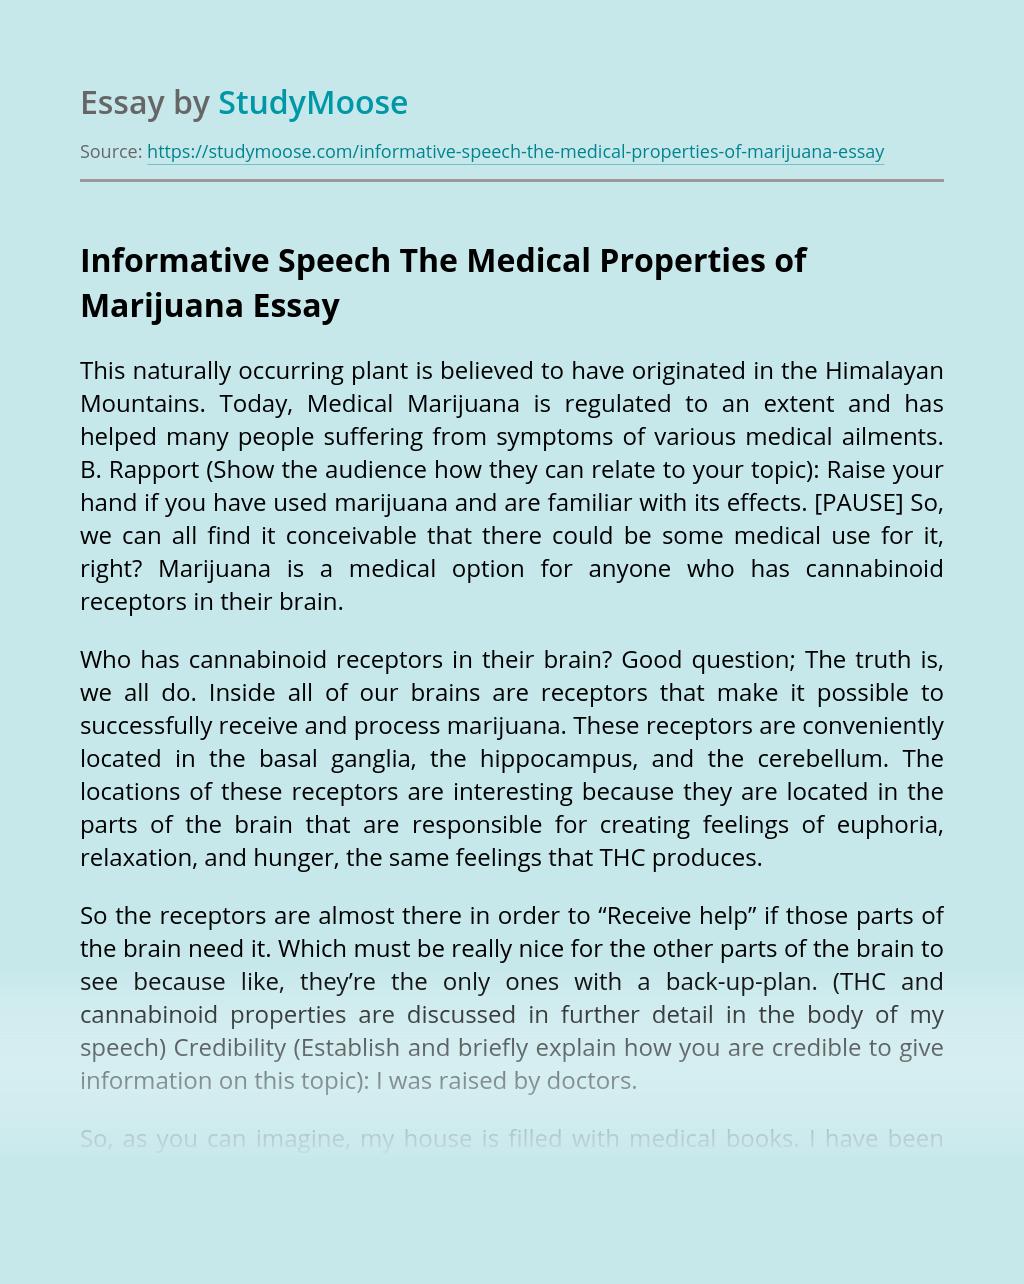 Informative Speech The Medical Properties of Marijuana